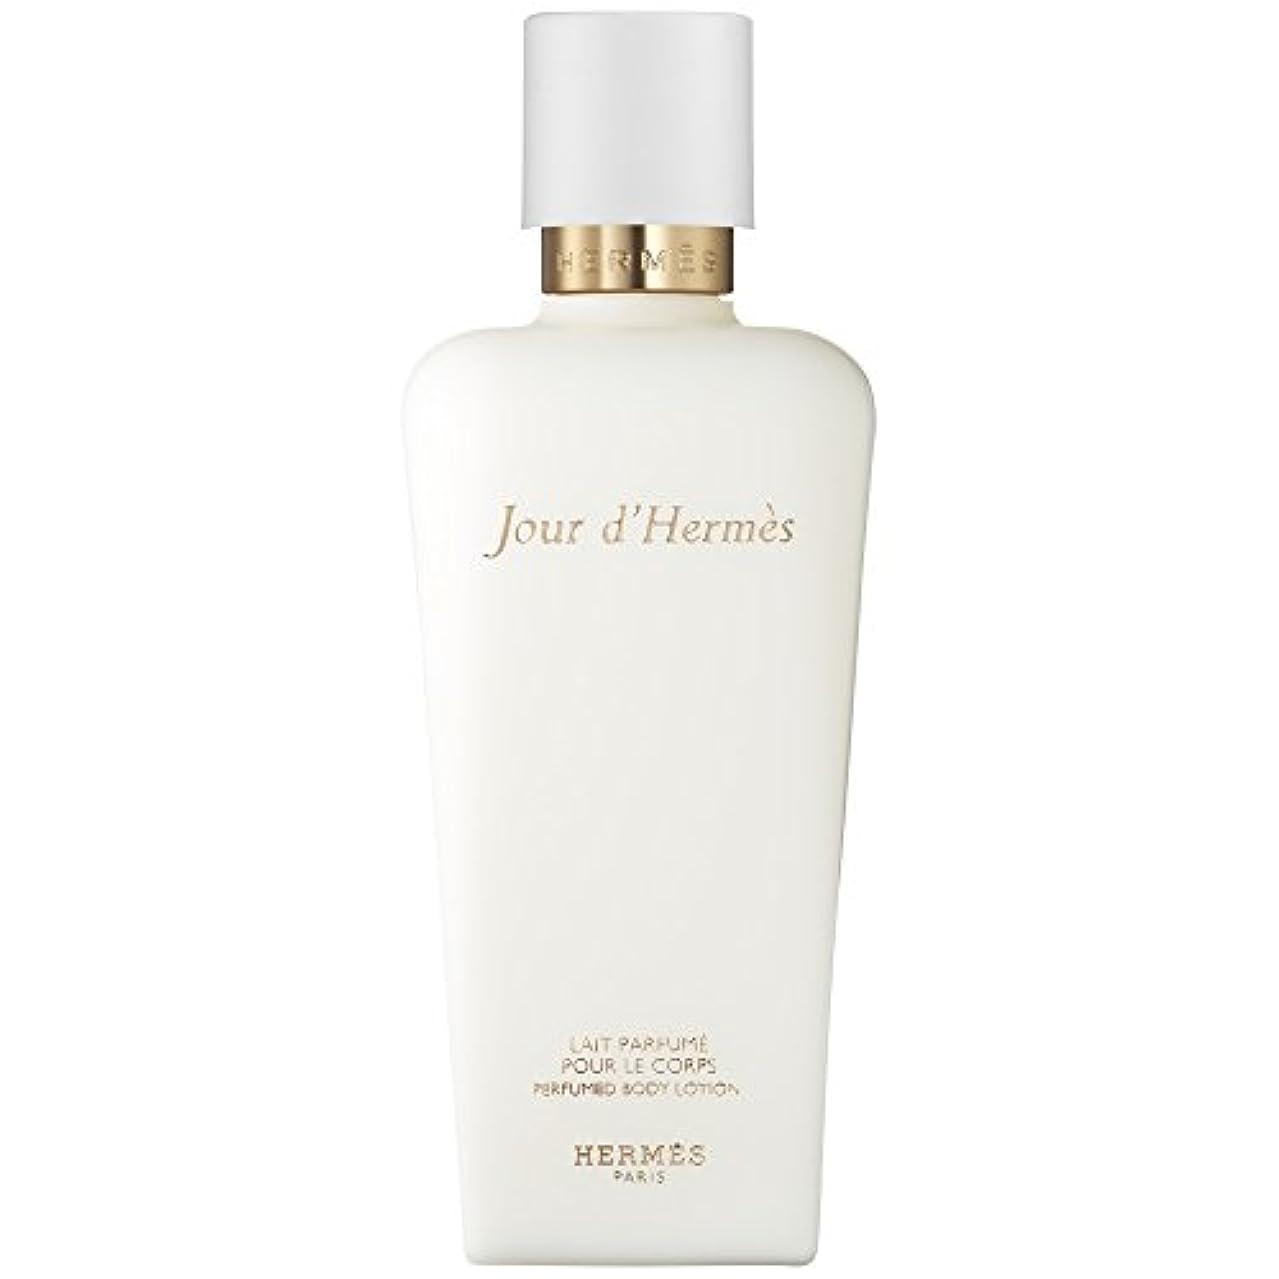 年次列挙する圧倒的エルメスJourのドールエルメス賦香ボディローション200ミリリットル (HERM?S) (x2) - HERM?S Jour d'Herm?s Perfumed Body Lotion 200ml (Pack of 2) [並行輸入品]